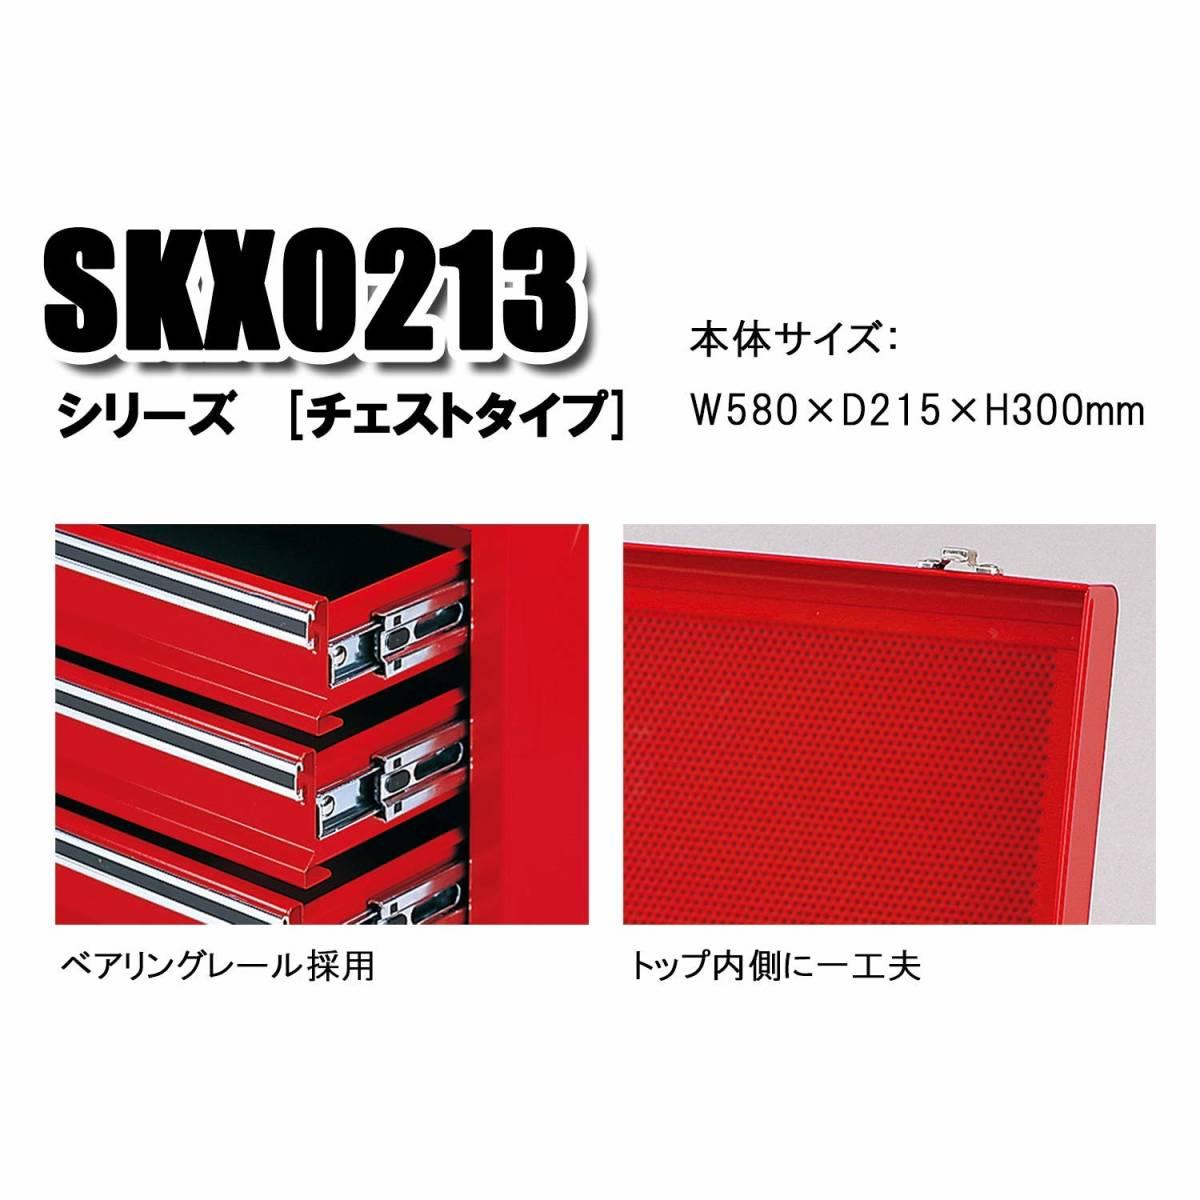 【KTC】ベアリングツールチェスト SKX0213 レッド 新品_画像3